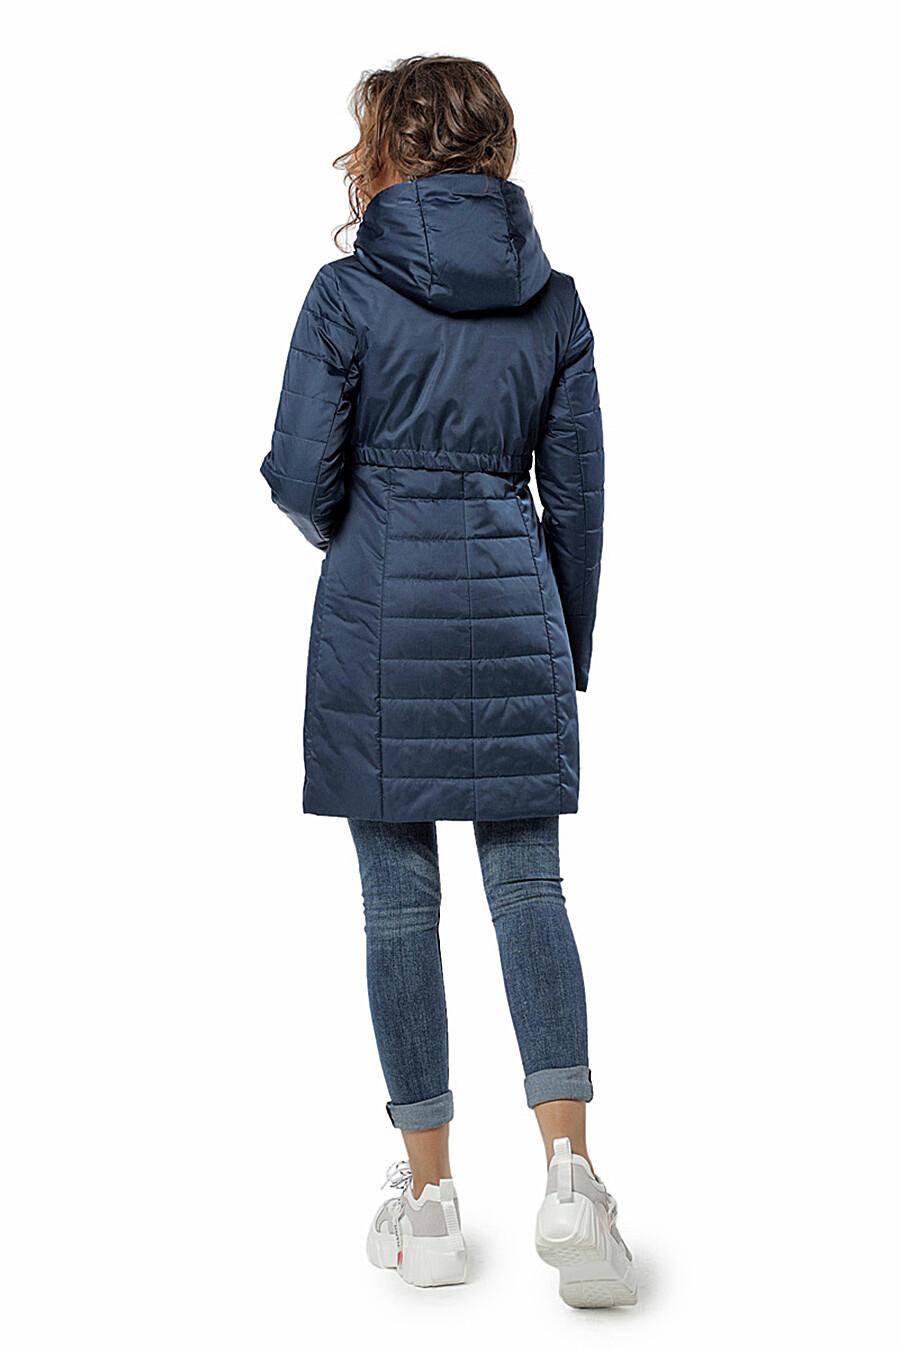 Плащ для женщин DIWAY 169591 купить оптом от производителя. Совместная покупка женской одежды в OptMoyo